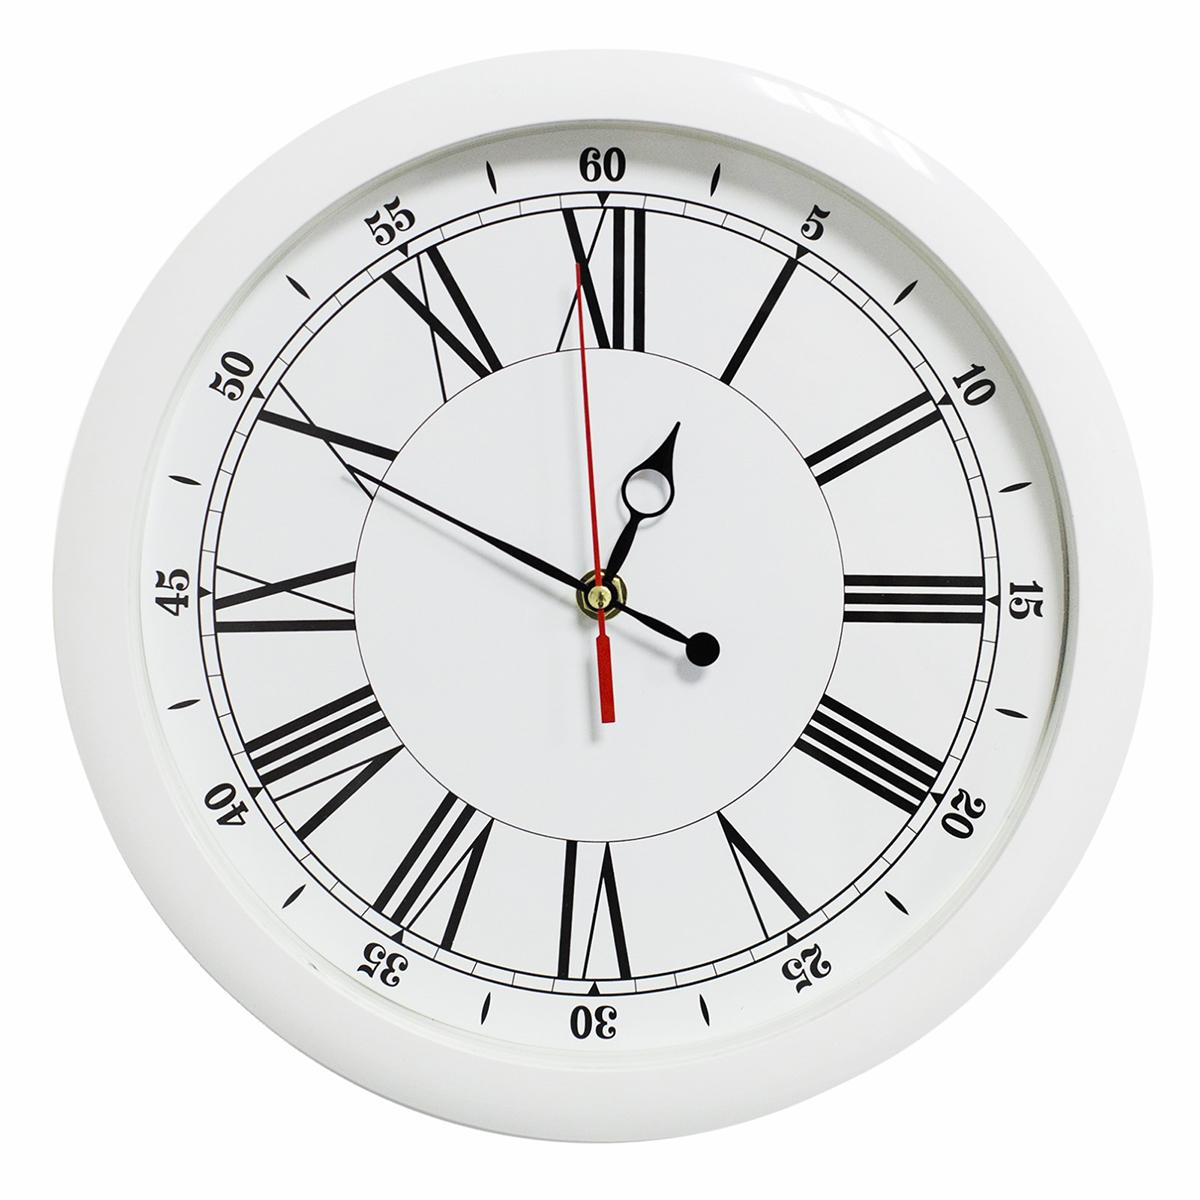 Часы настенные Классика, цвет: белый счетчики тепла в квартиру